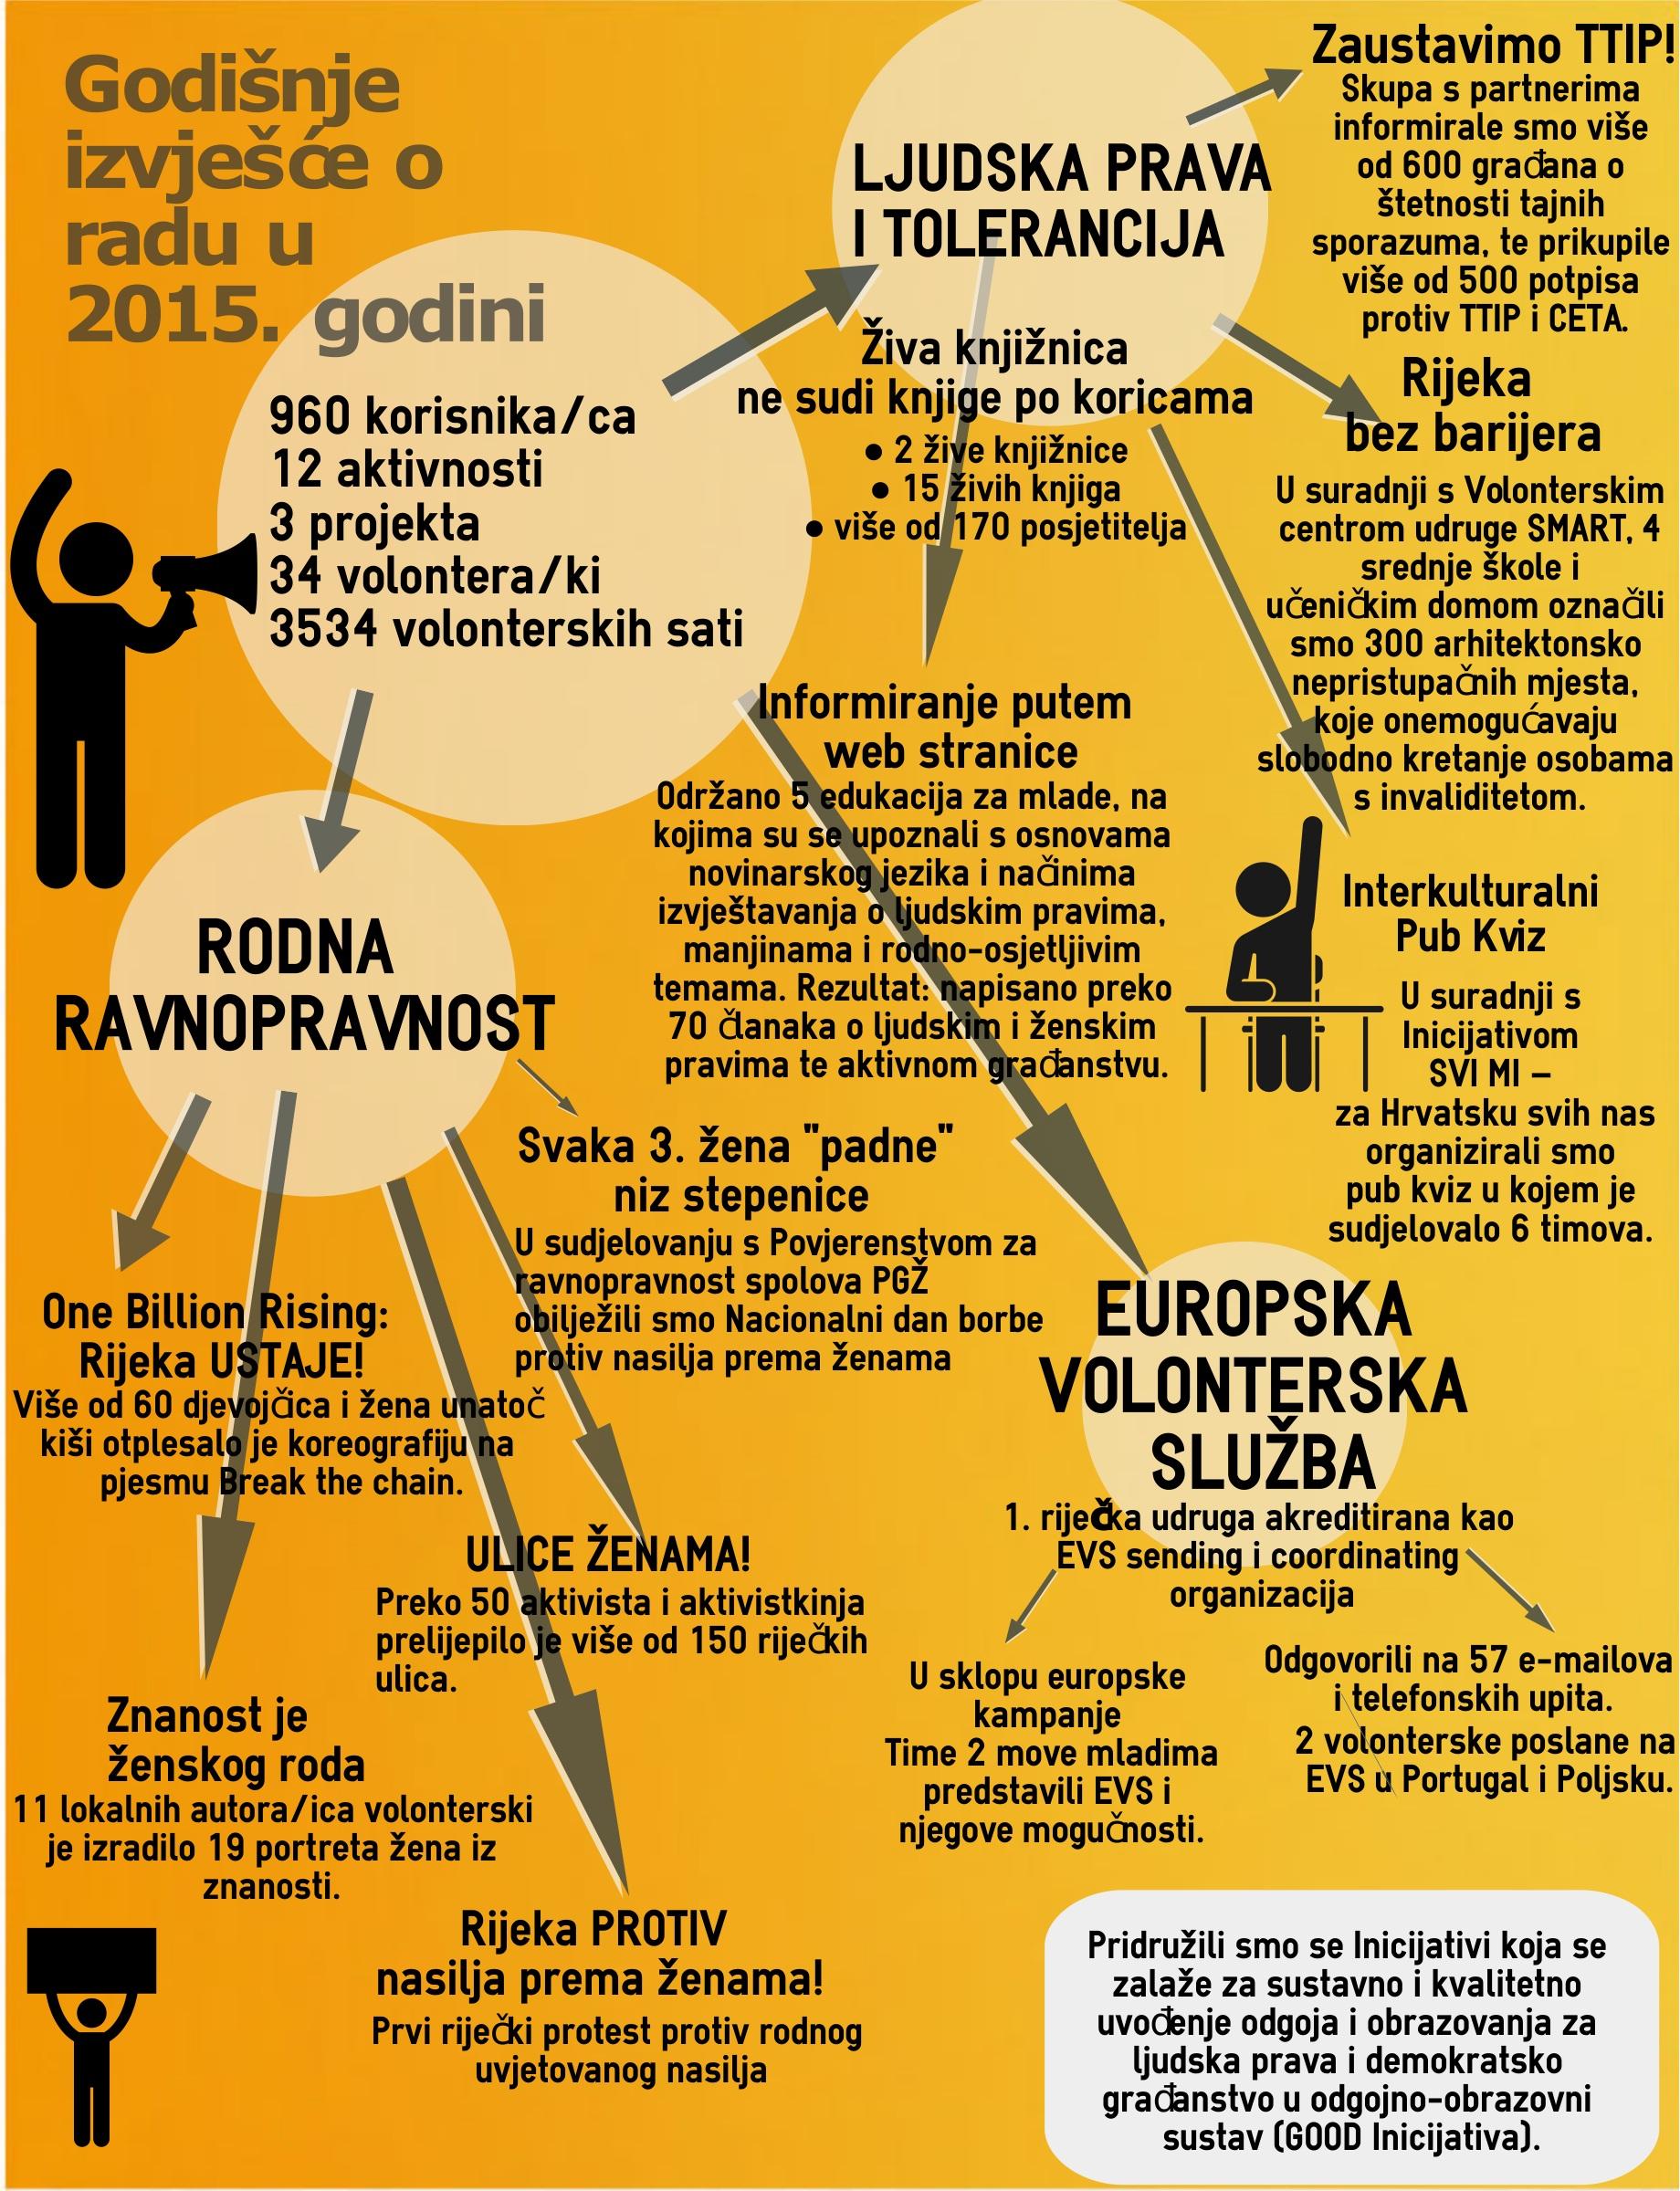 Godisnje izvjesce o radu udruge za 2015